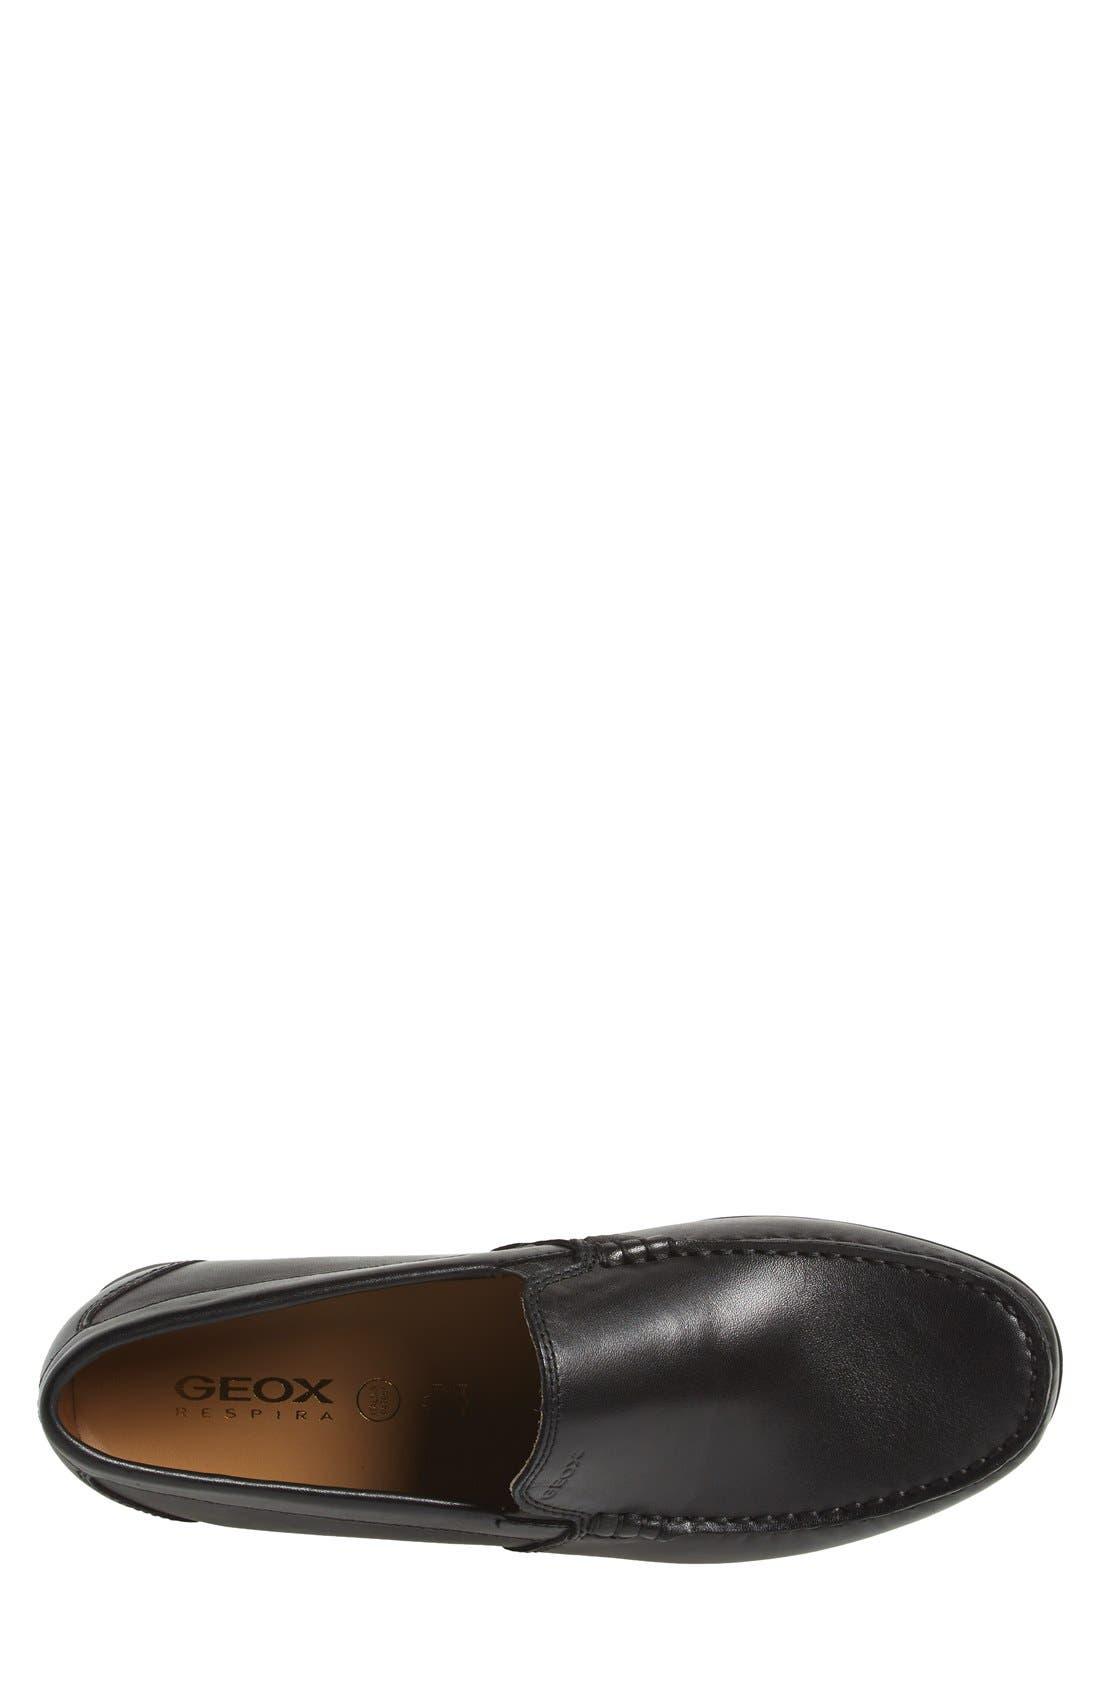 Alternate Image 3  - Geox 'Simon W2' Venetian Loafer (Men)